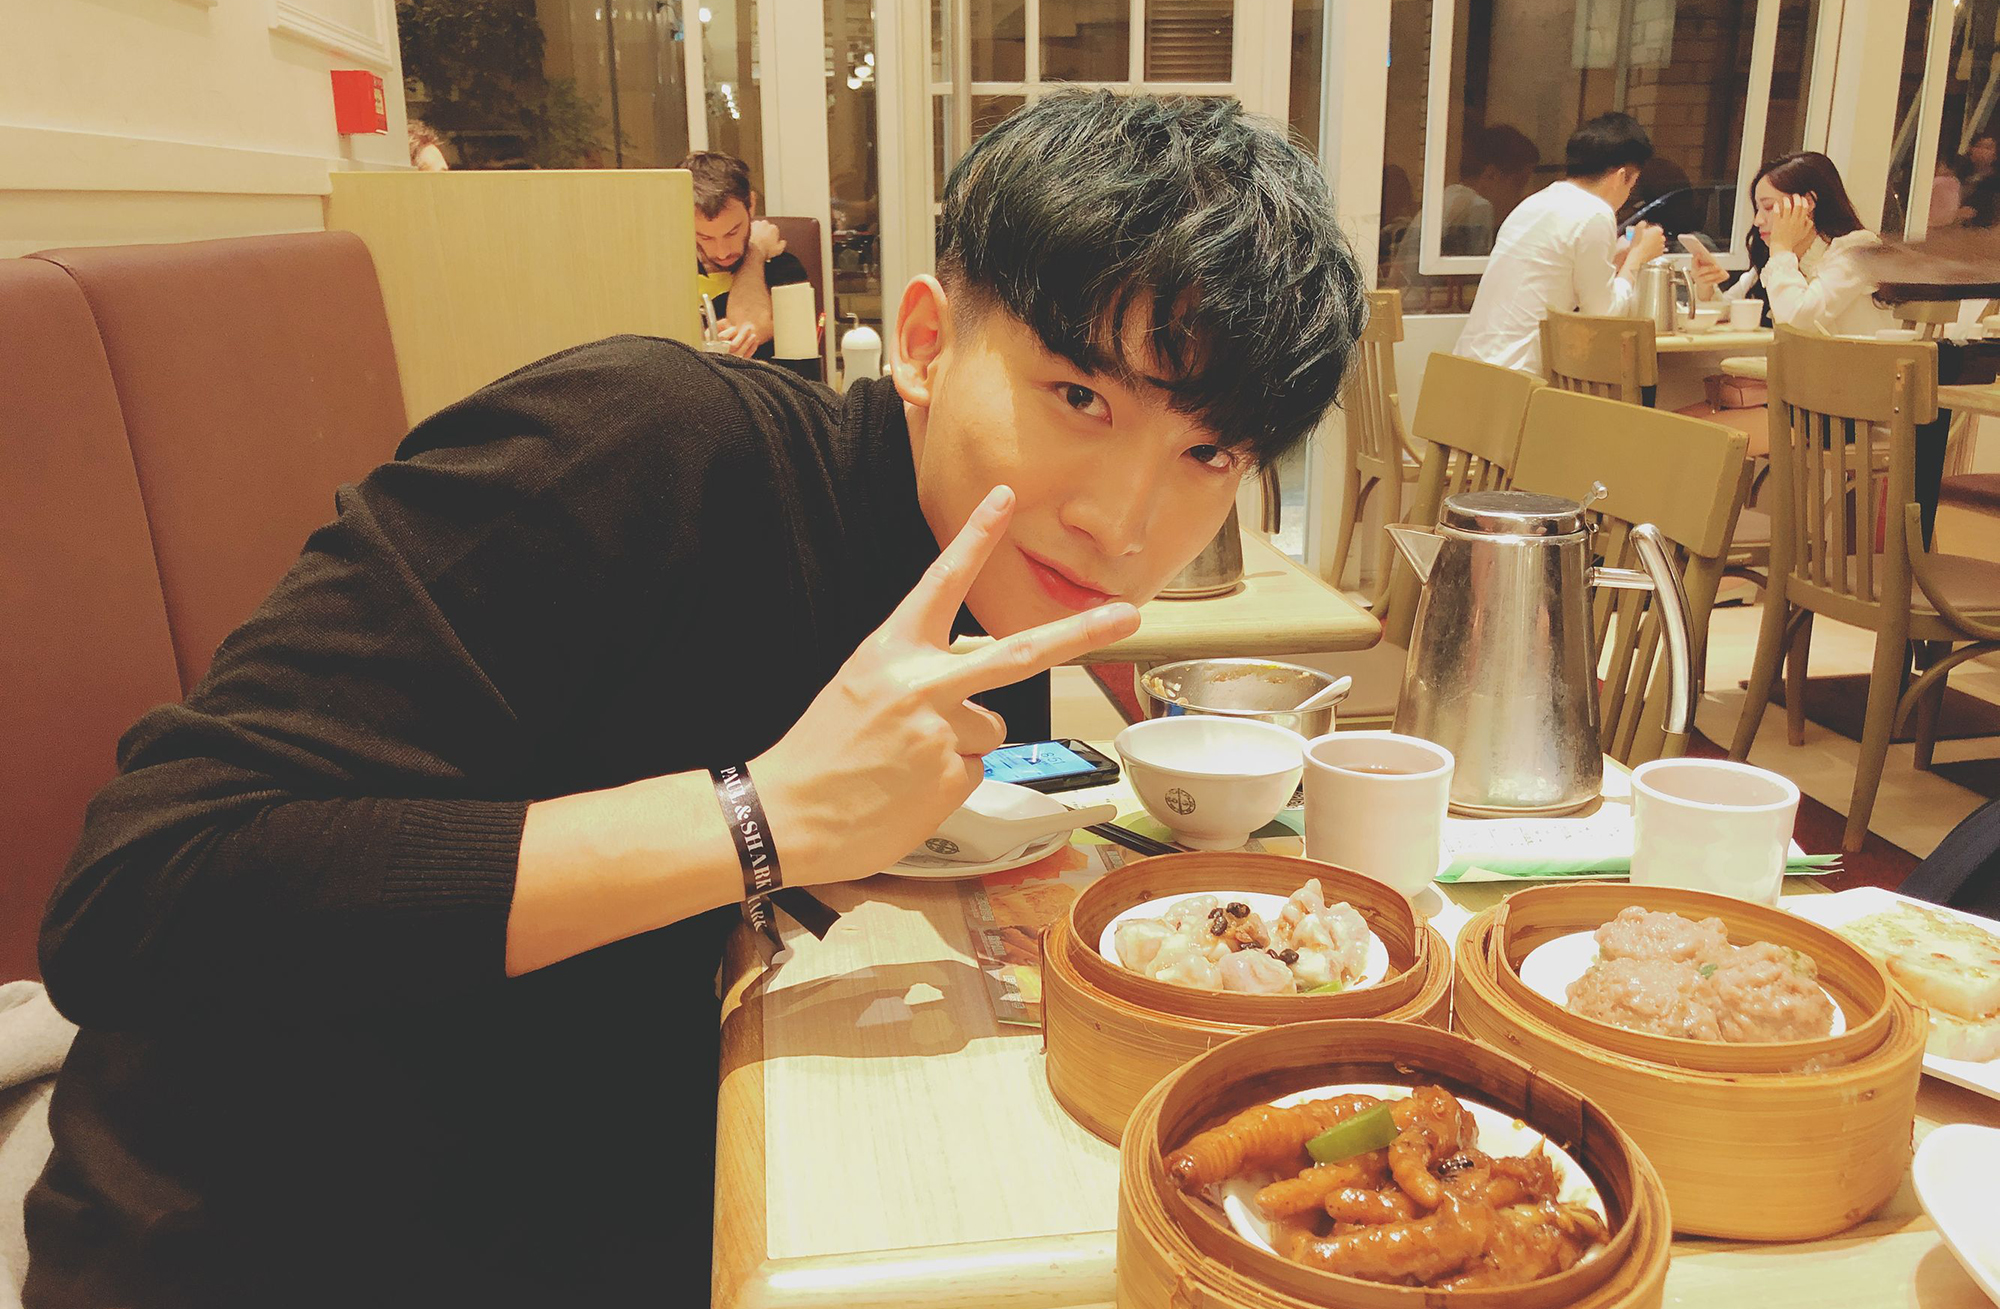 黄宏轩演绎中央空调式暖男 时尚活动初体验